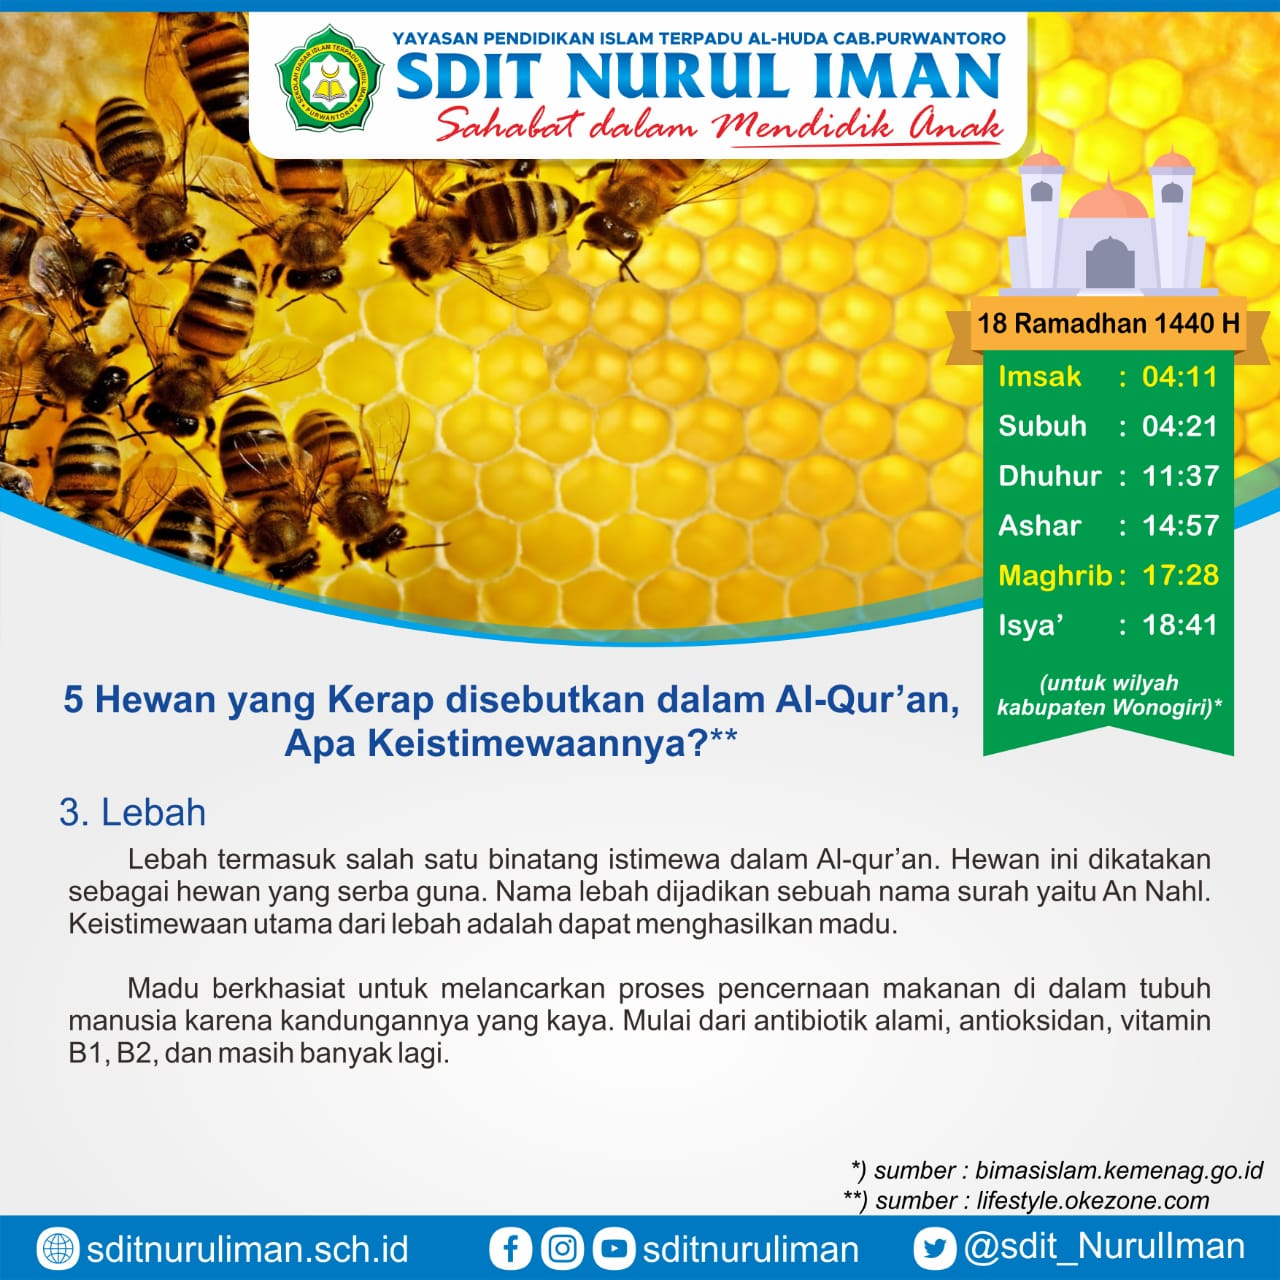 Lebah